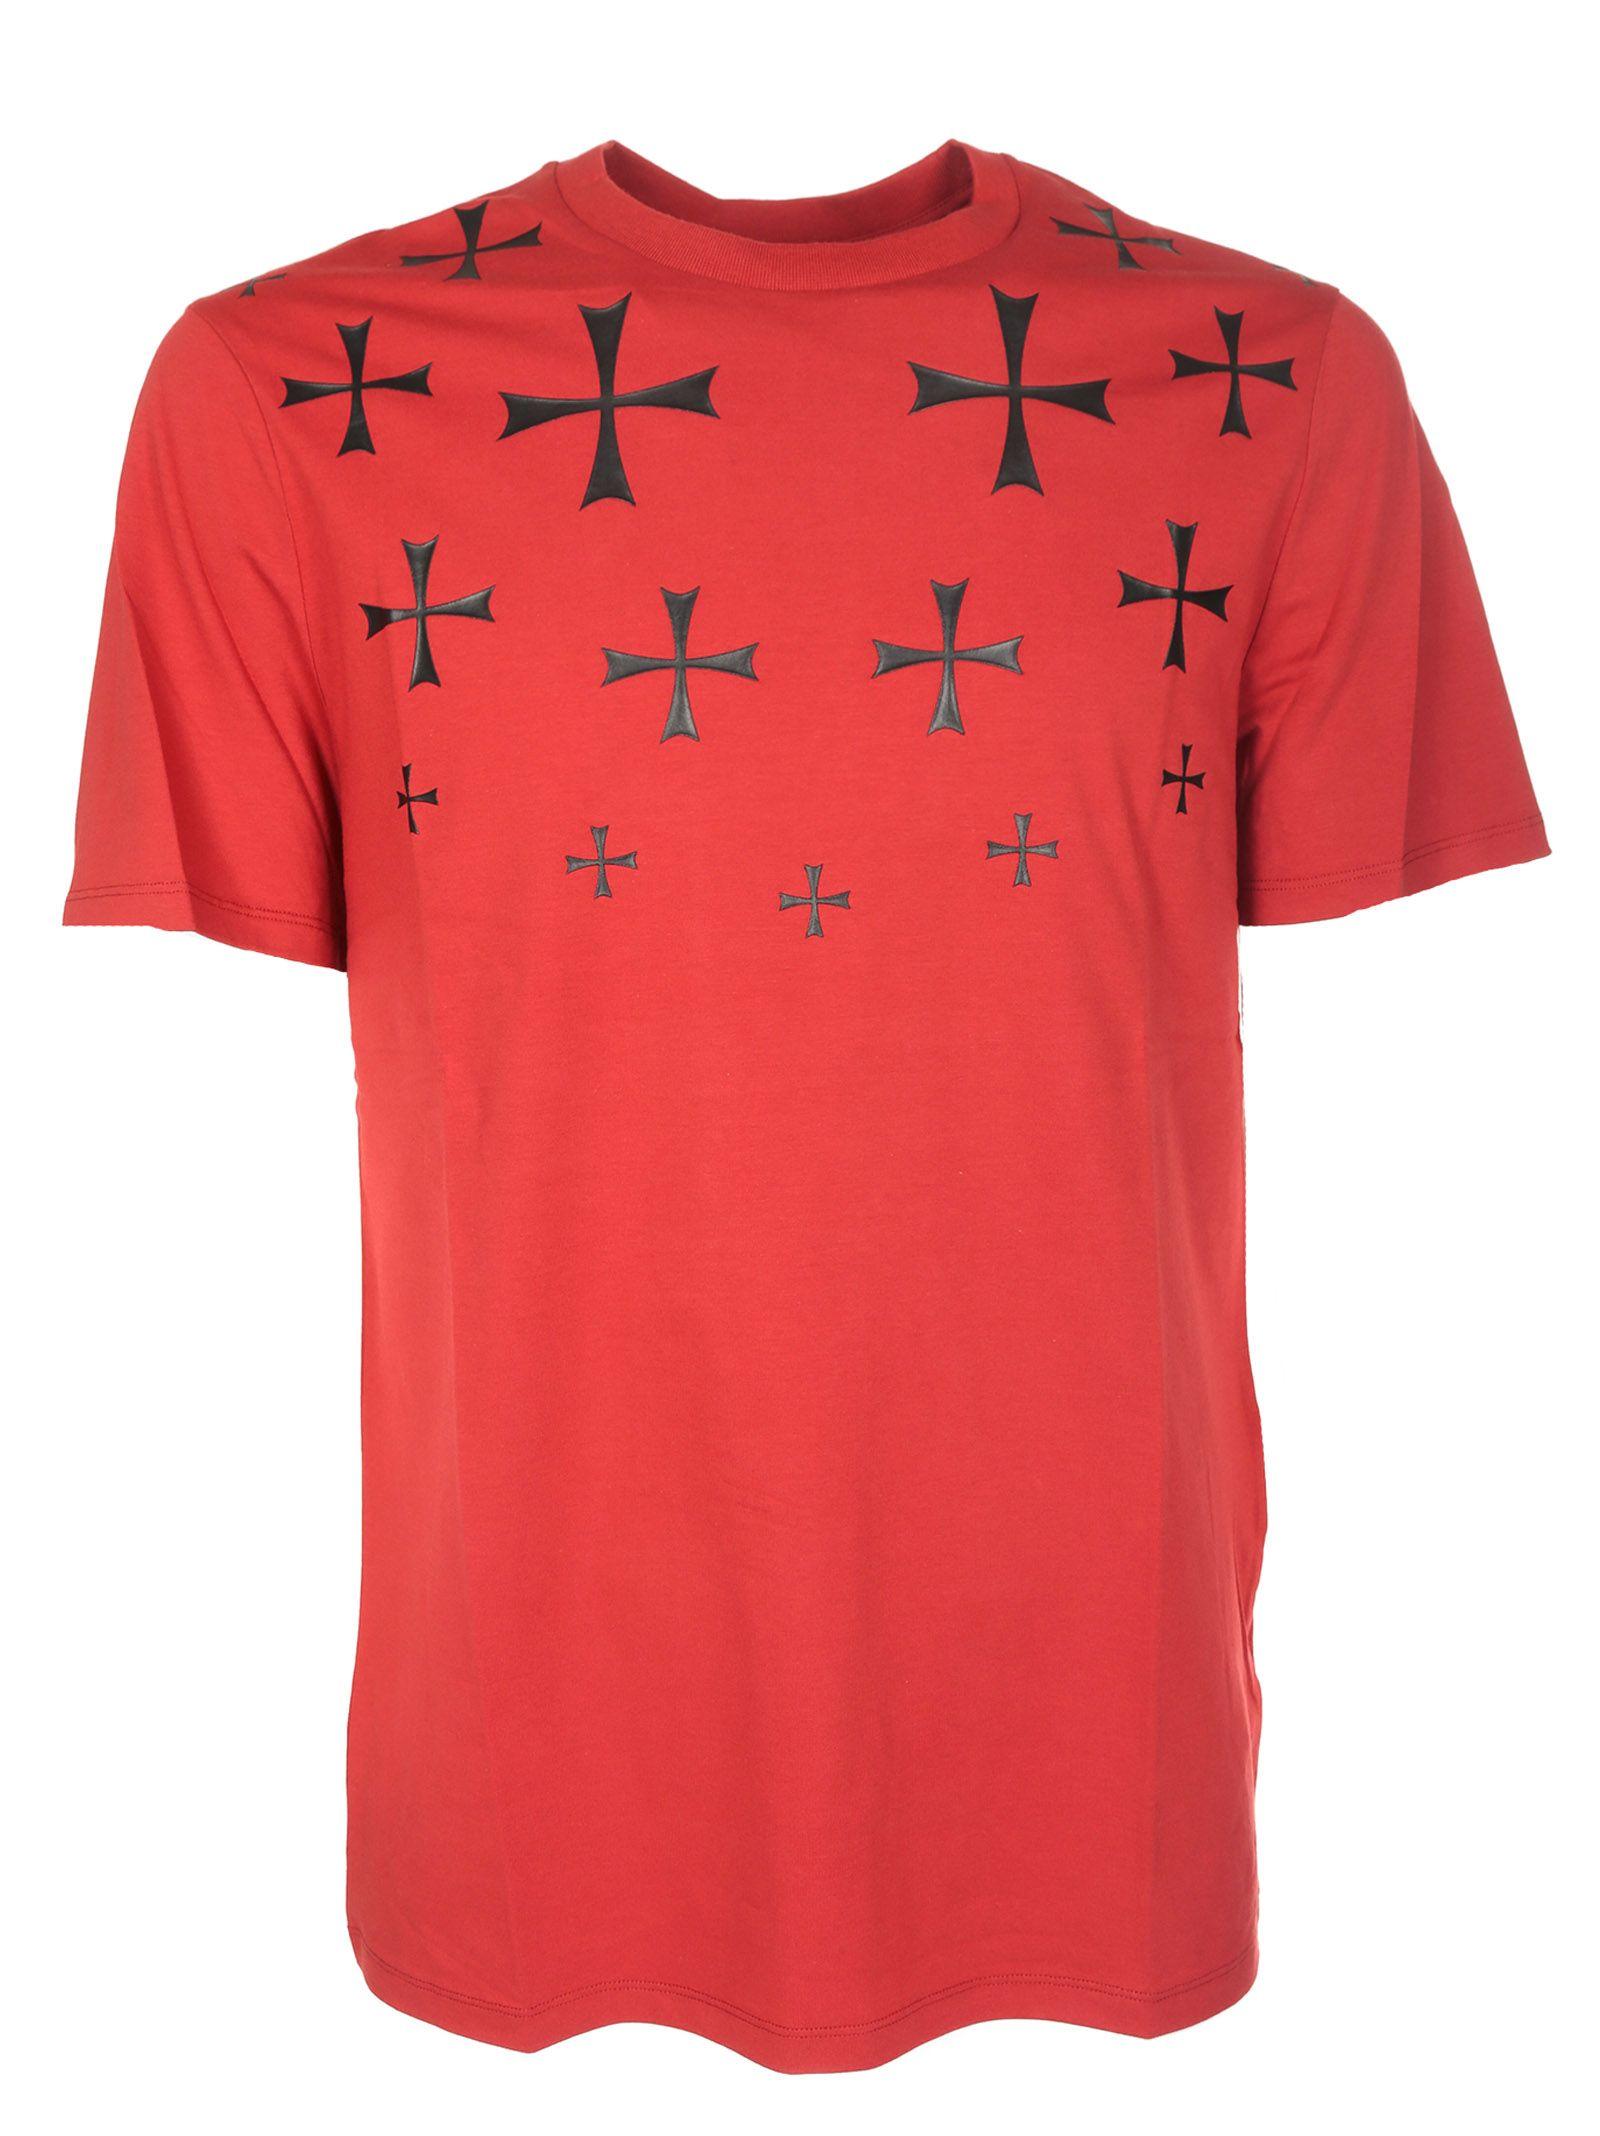 Neil Barrett Maltese Cross Print T-shirt